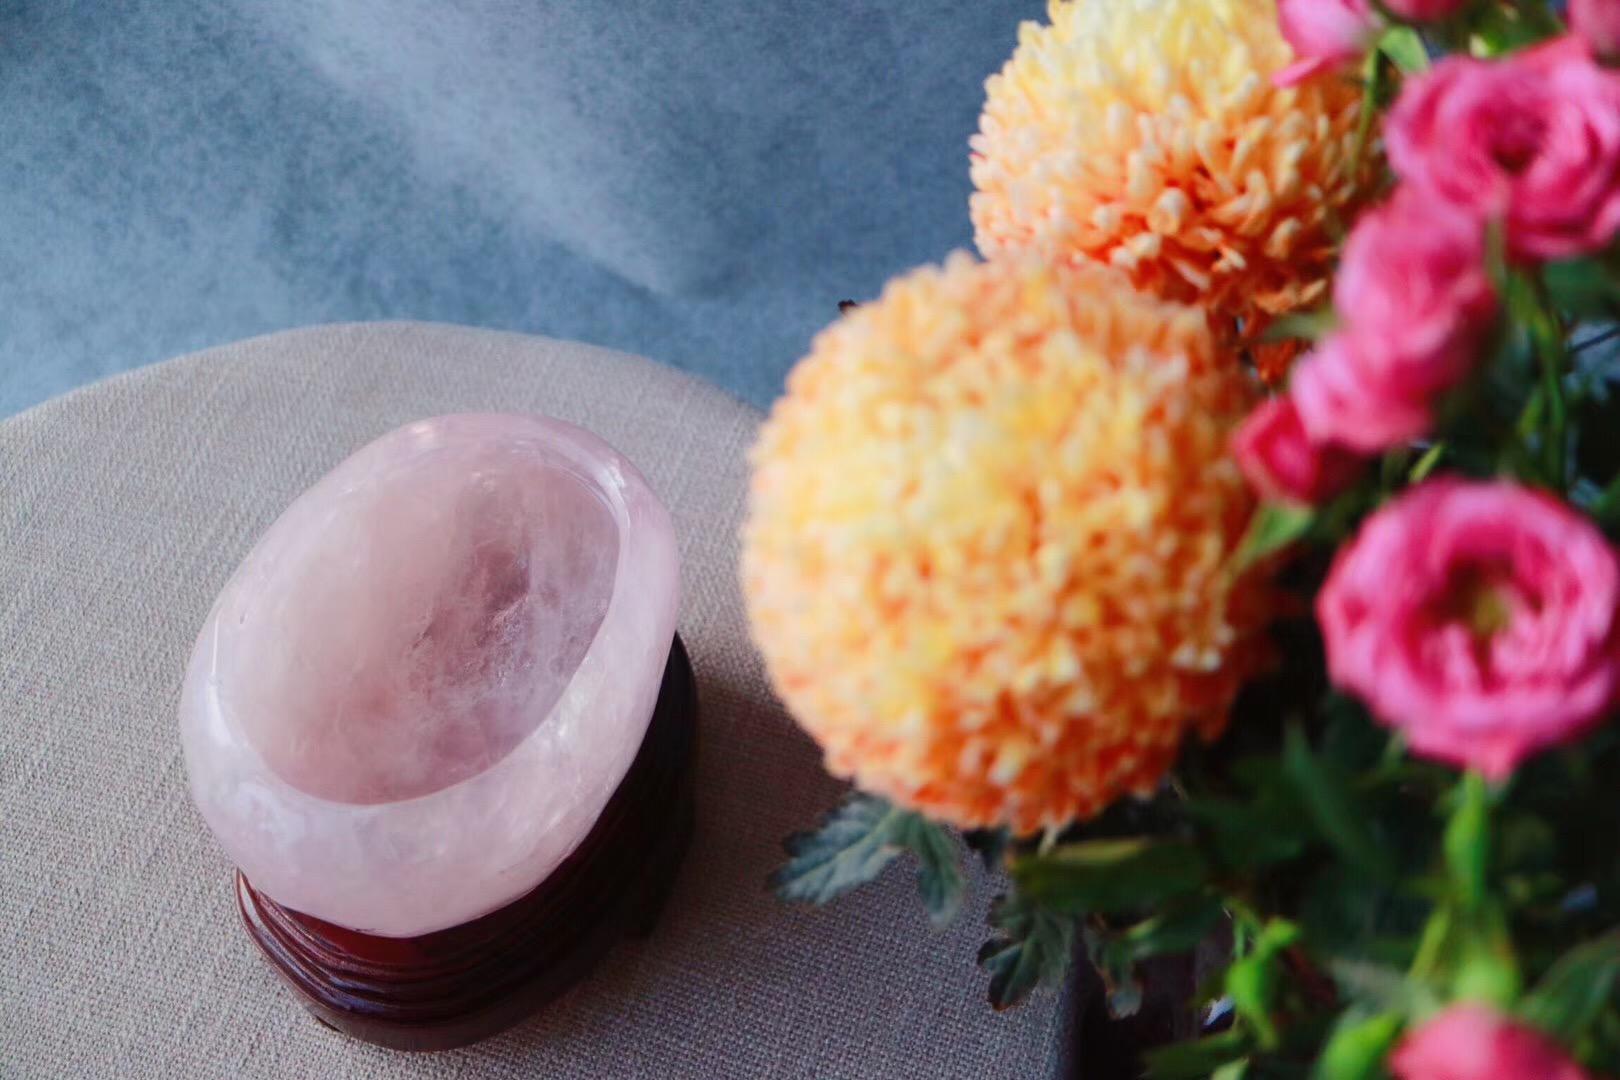 【菩心 | 粉晶盆】红入桃花嫩,春归柳色新-菩心晶舍